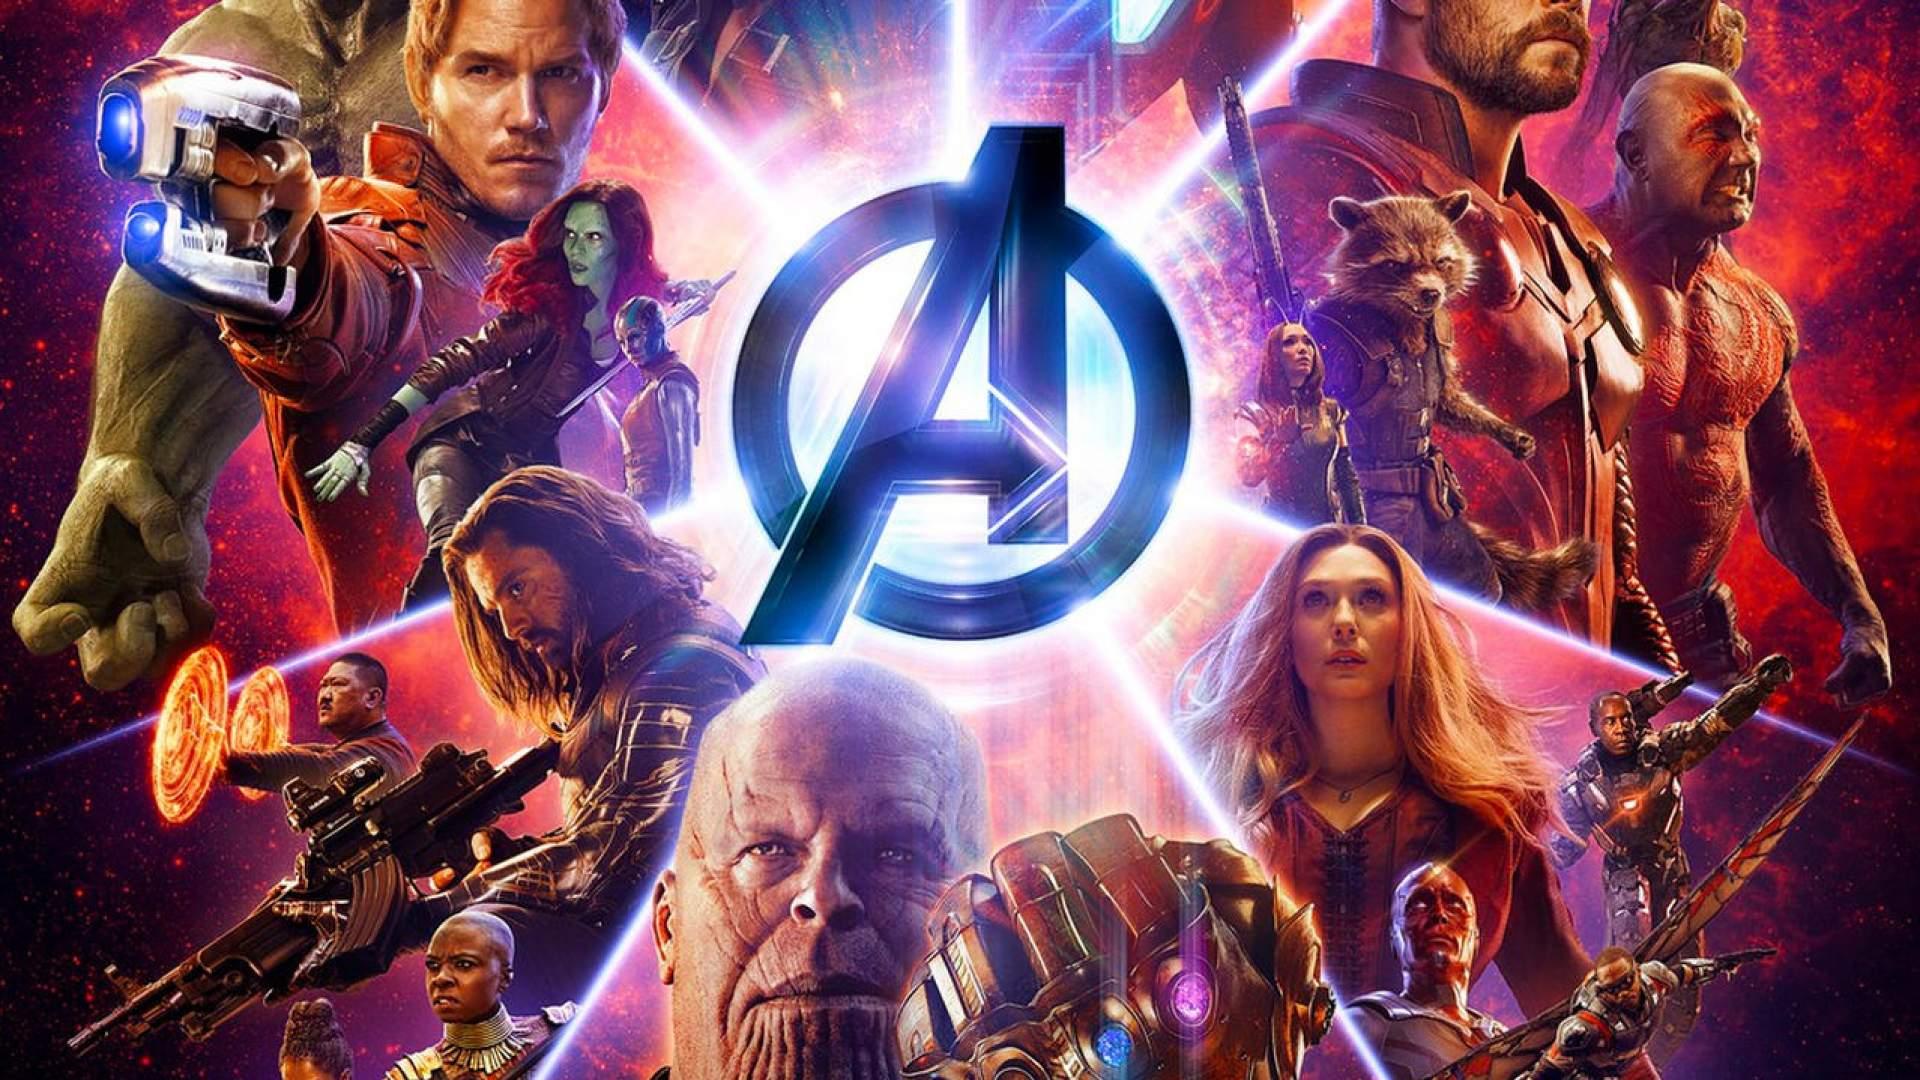 73 Besten Avengers Bilder Auf Pinterest: 12 Besten Die Besten Filme Aller Zeiten Bilder Auf Pinterest